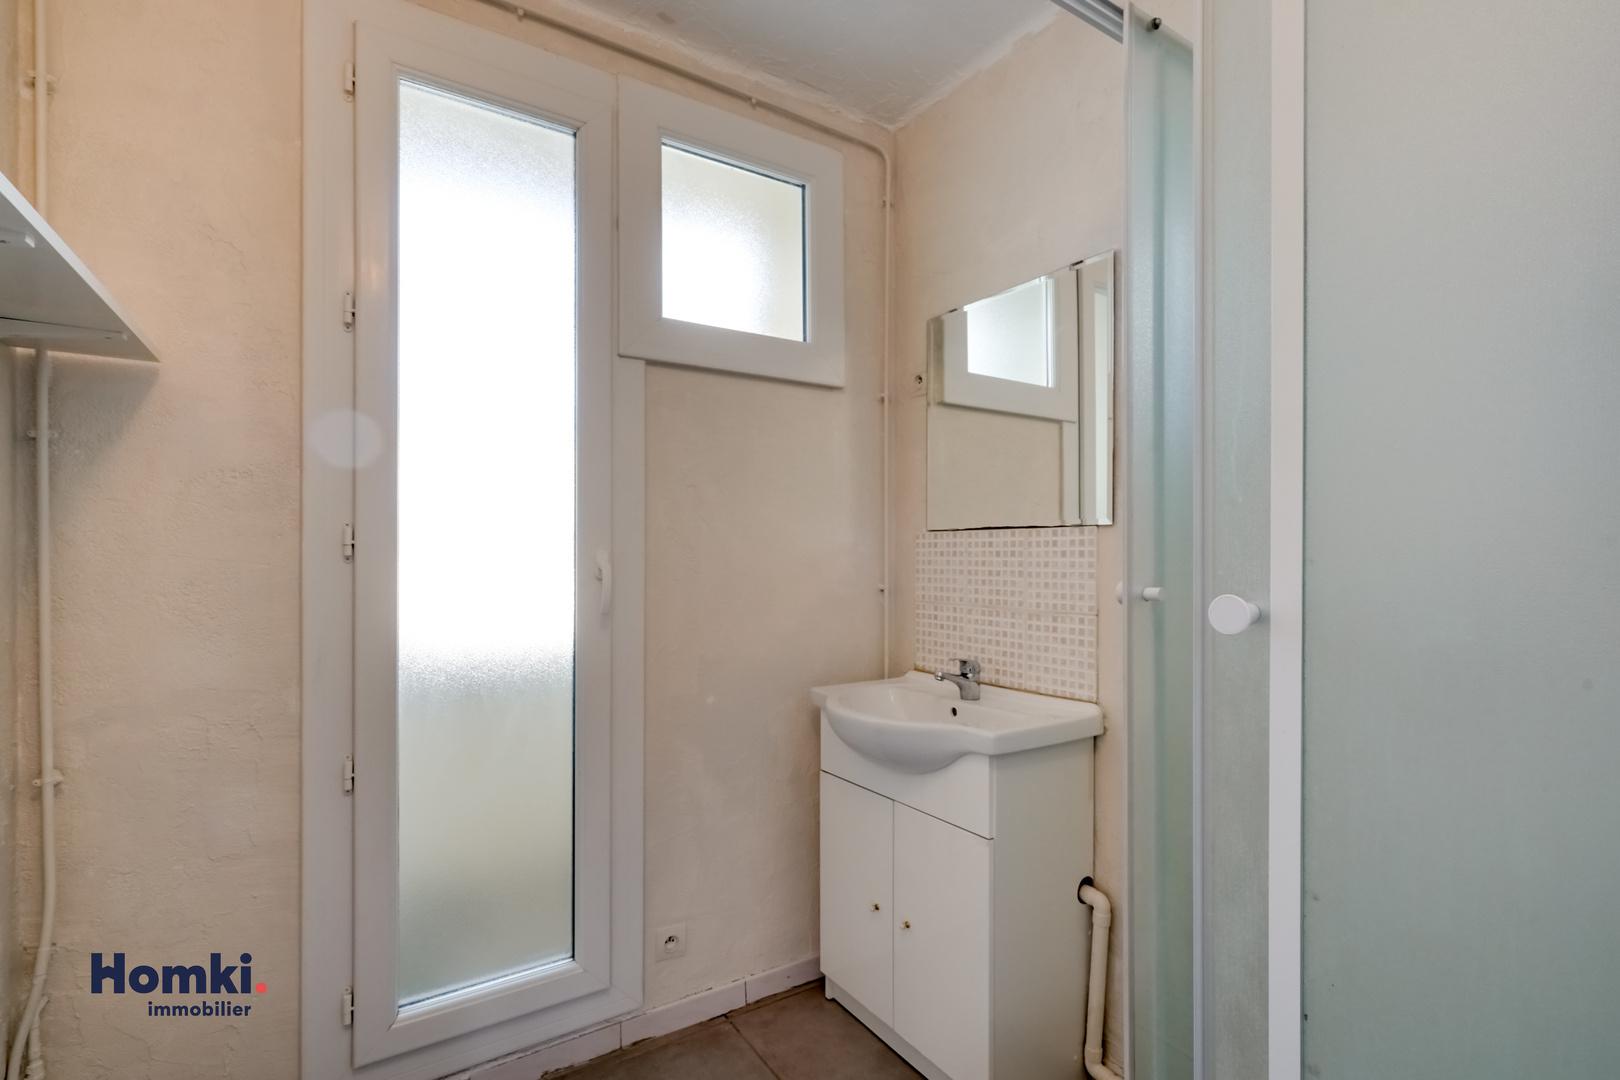 Homki - Vente appartement  de 38.0 m² à marseille 13010